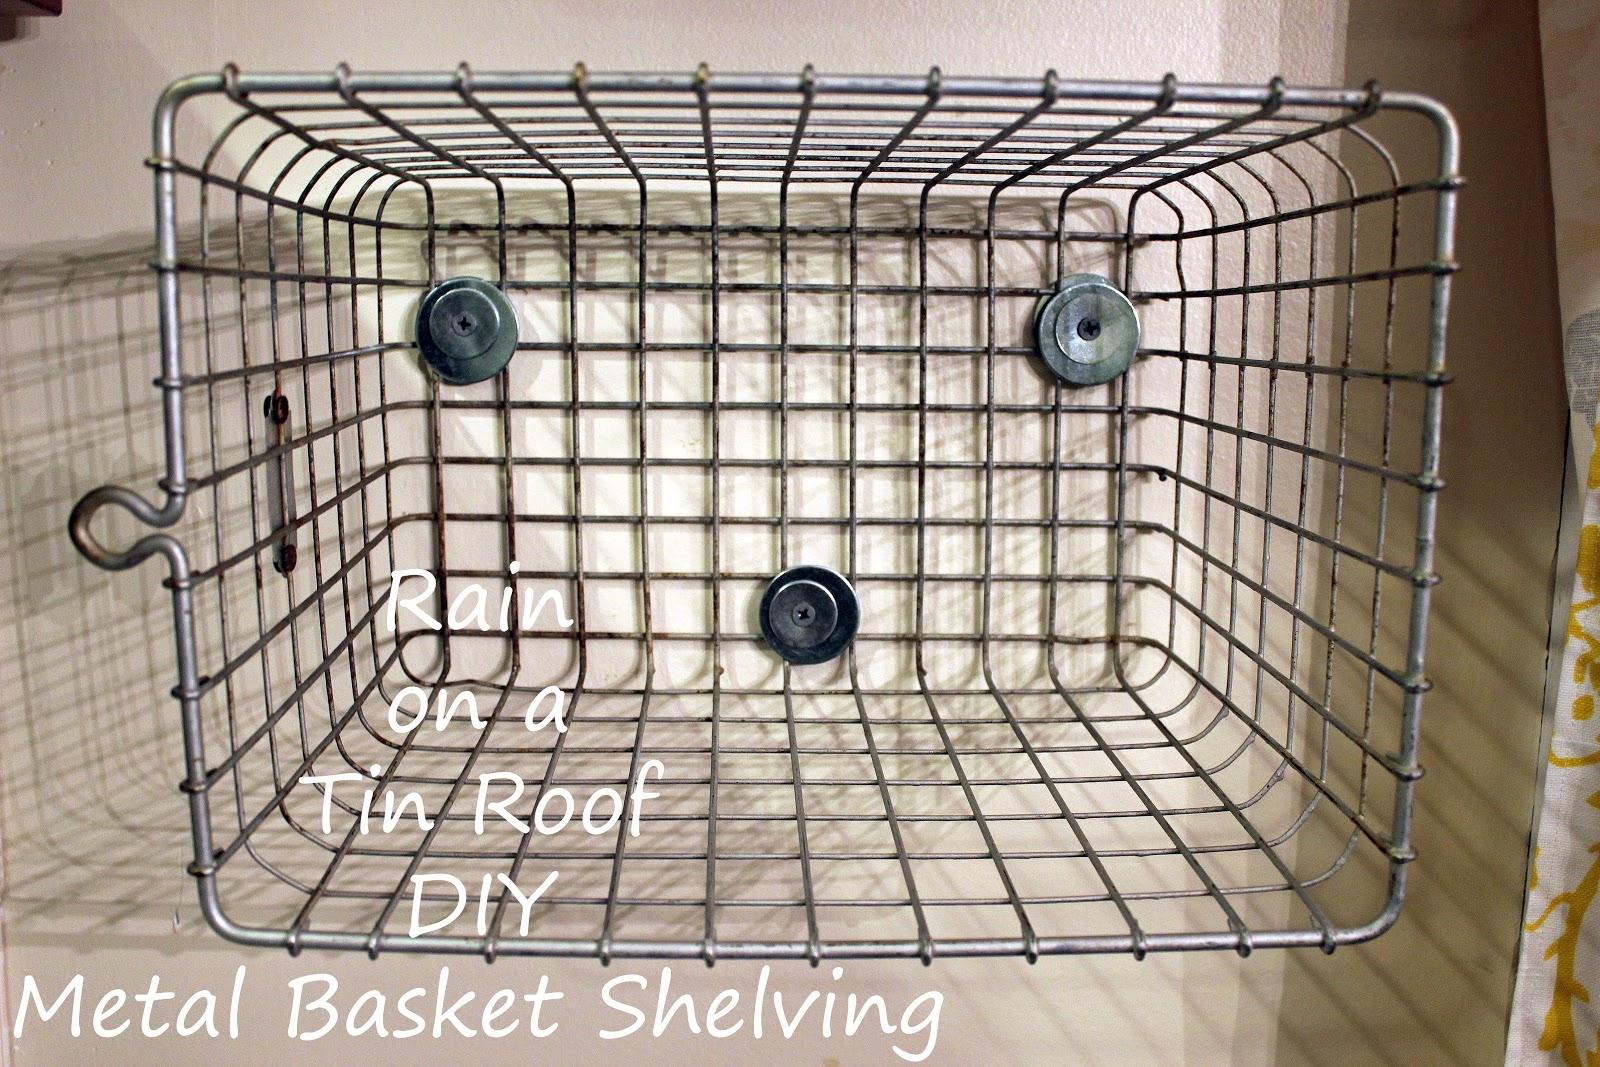 diy metal basket shelving with old locker baskets. Black Bedroom Furniture Sets. Home Design Ideas